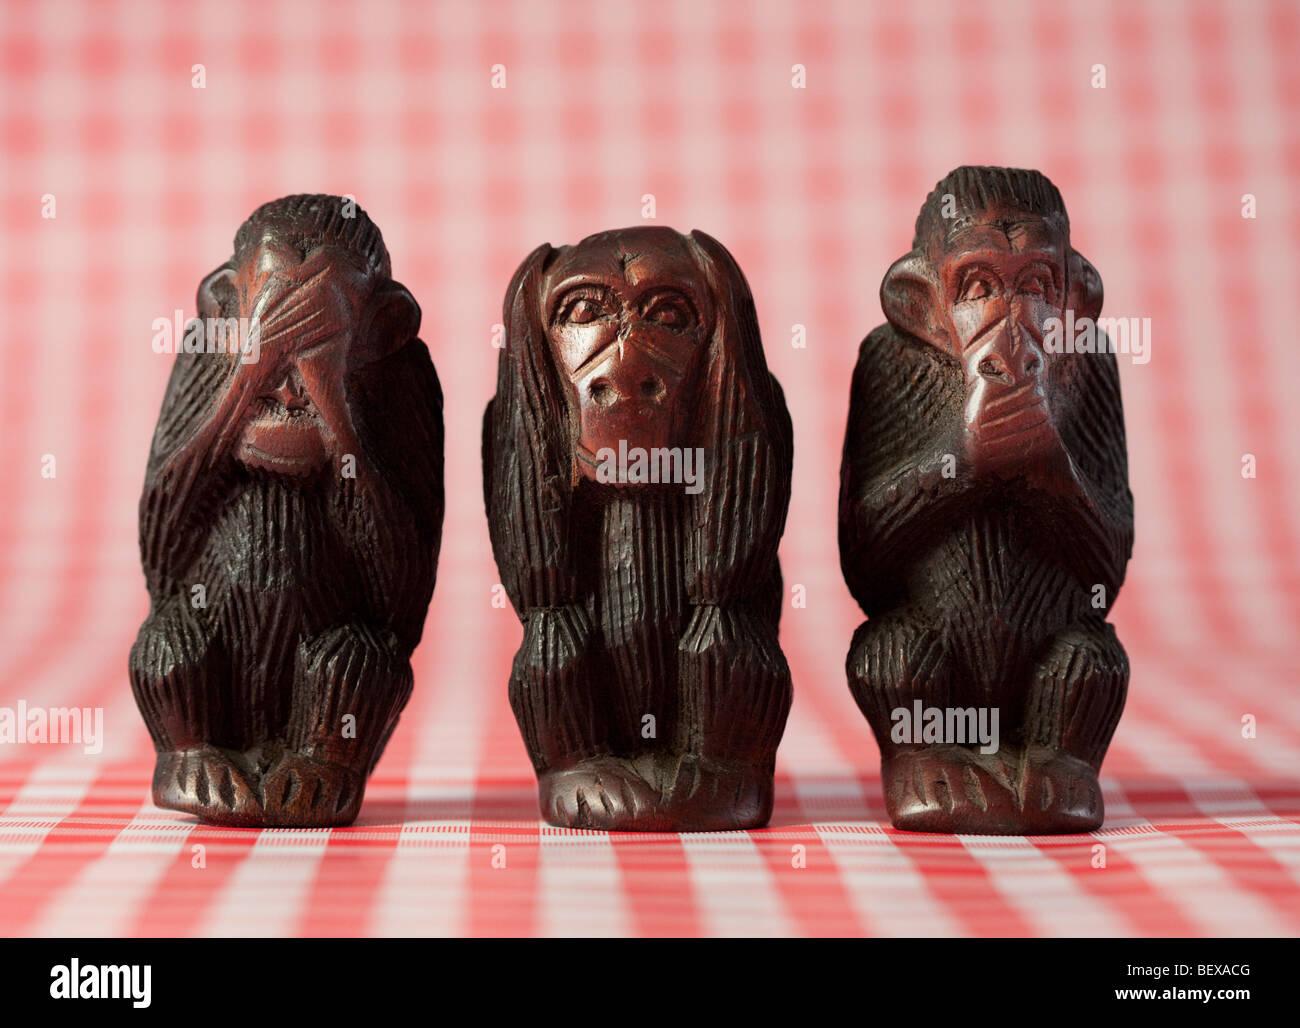 Drei Affen, nichts Böses hören, nichts Böses sprechen, sehen, nichts Böses. Stockbild